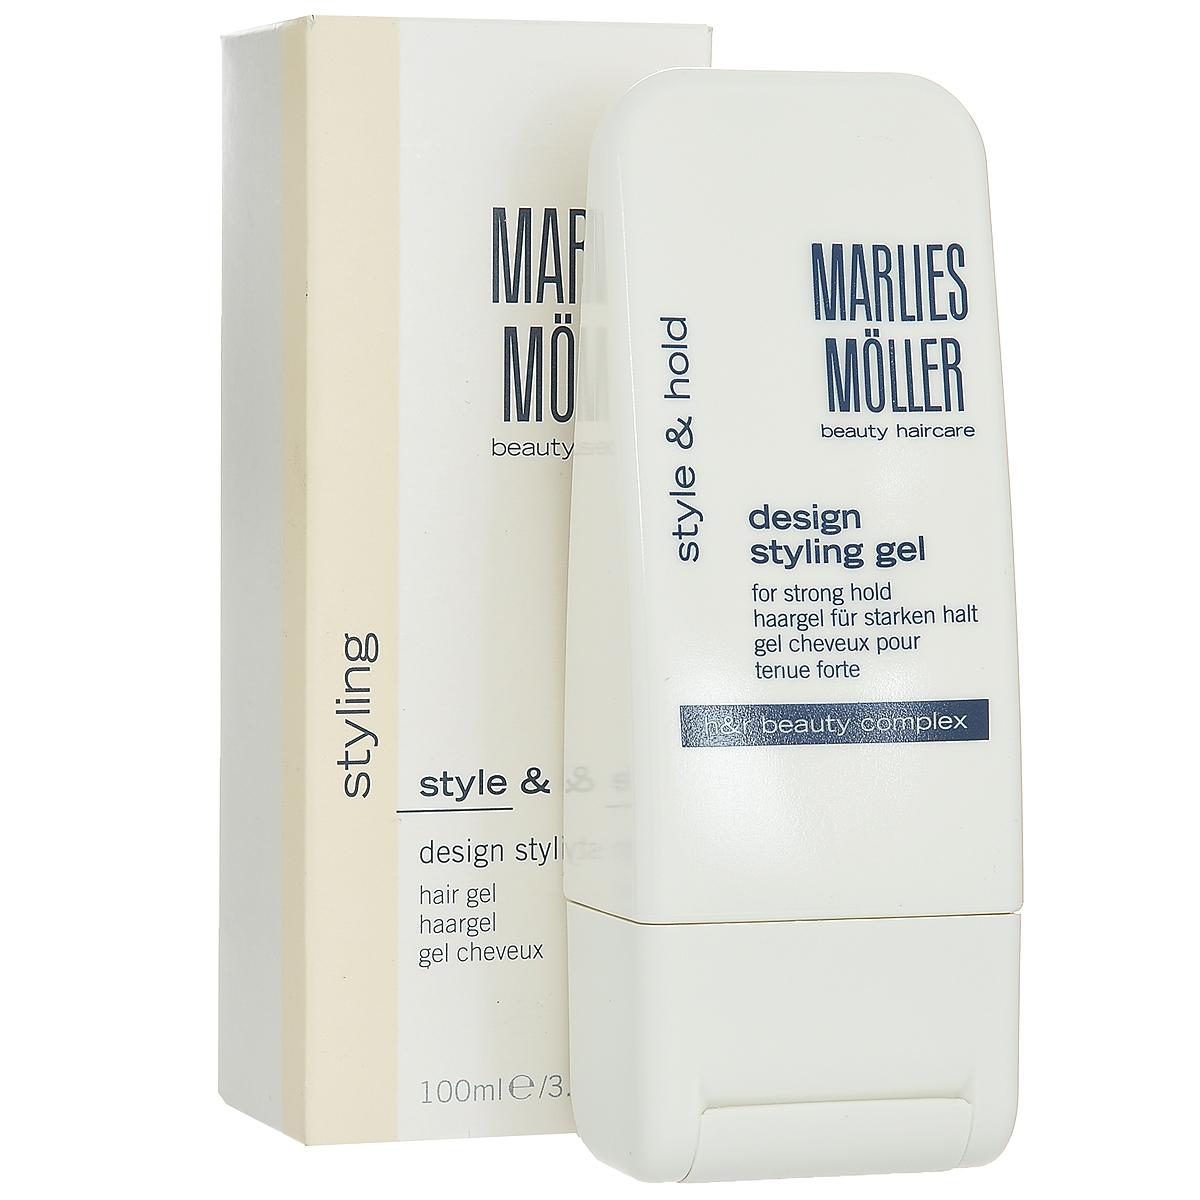 Marlies Moller Гель Styling, для креативной укладки волос, 100 мл marlies moller сыворотка ageless beauty для укрепления корней и защиты волос 100 мл